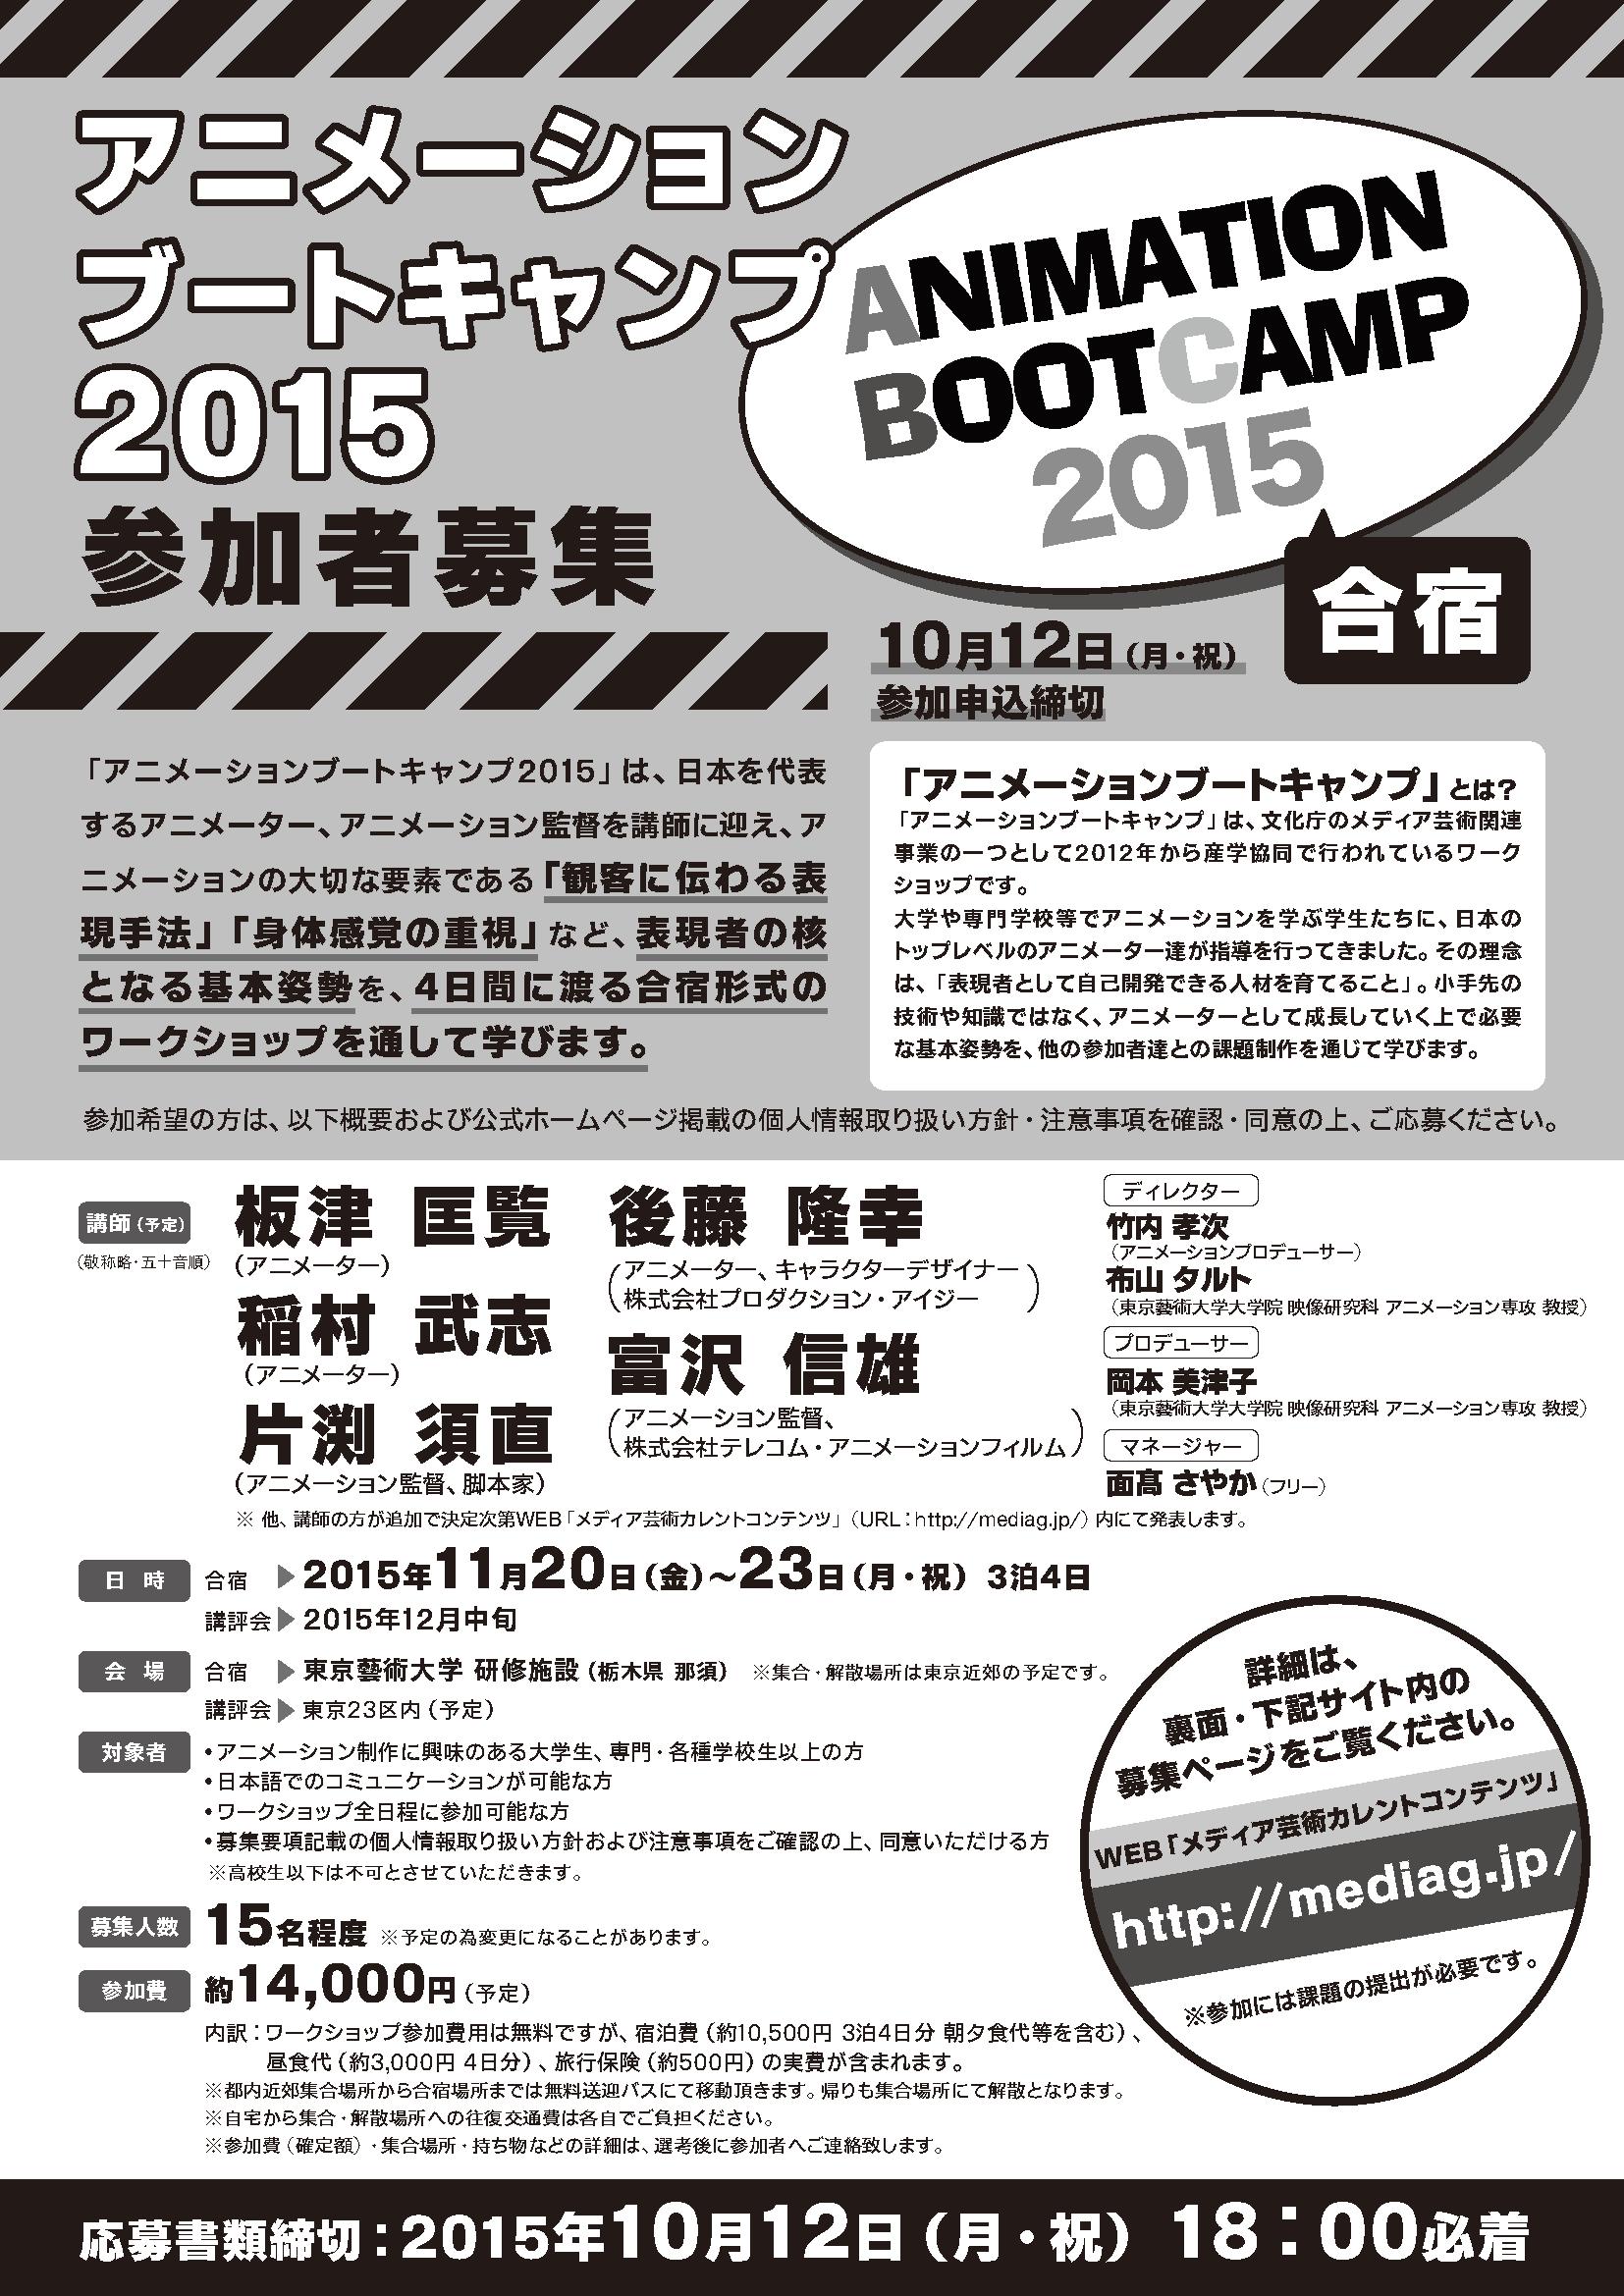 「アニメーションブートキャンプ2015」(合宿版)チラシ